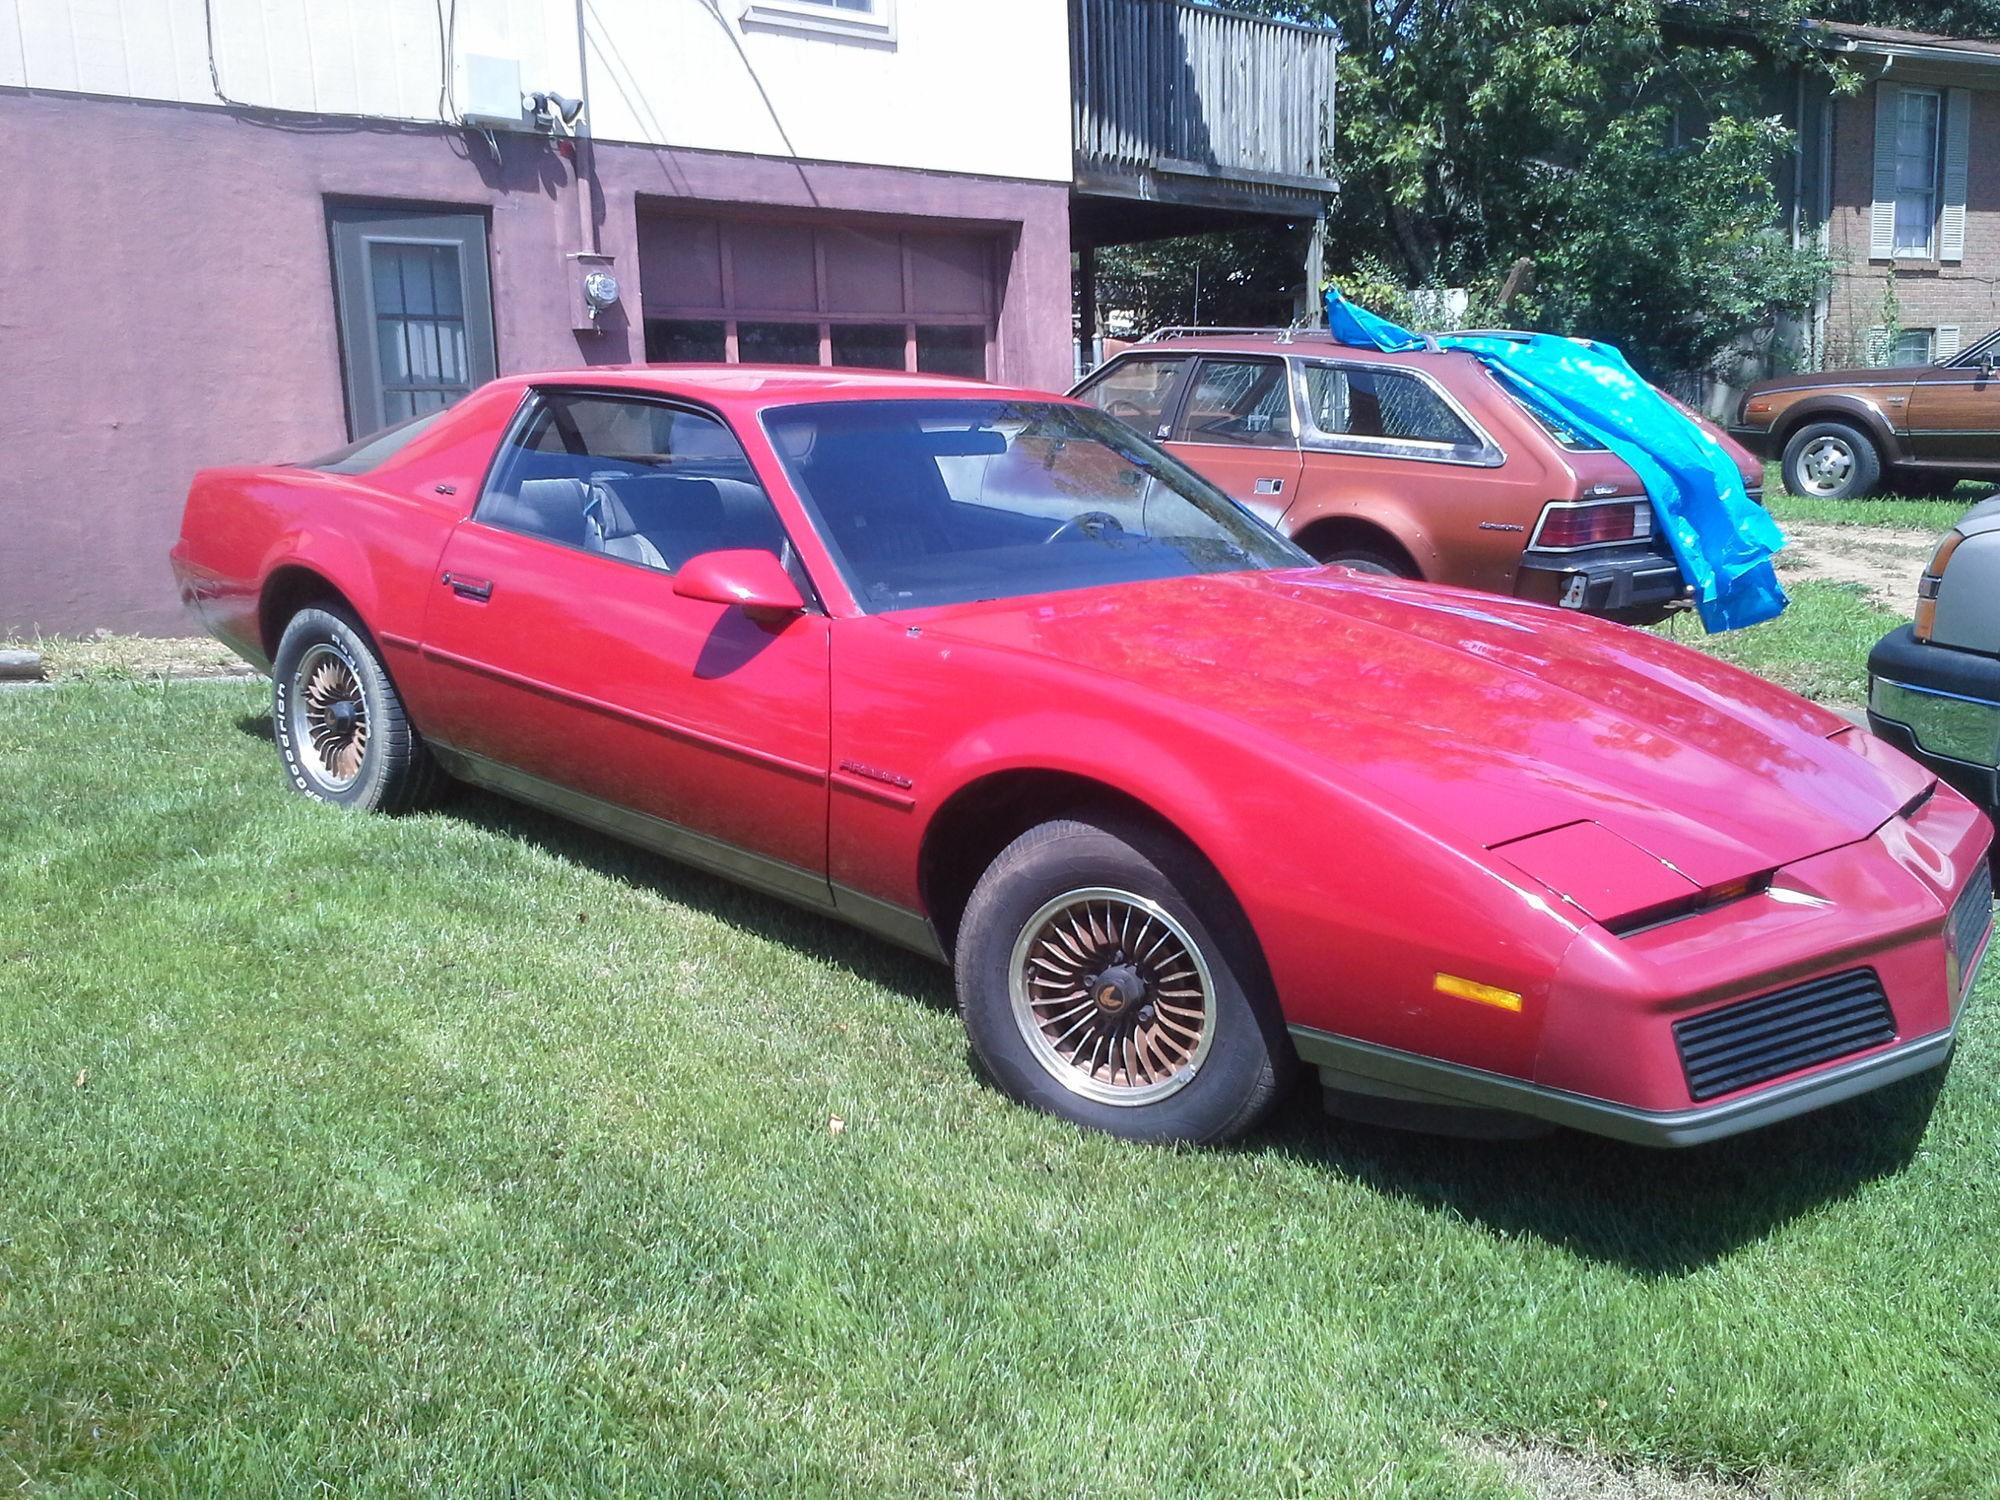 1983 pontiac firebird se 89k v8 auto all original rust. Black Bedroom Furniture Sets. Home Design Ideas